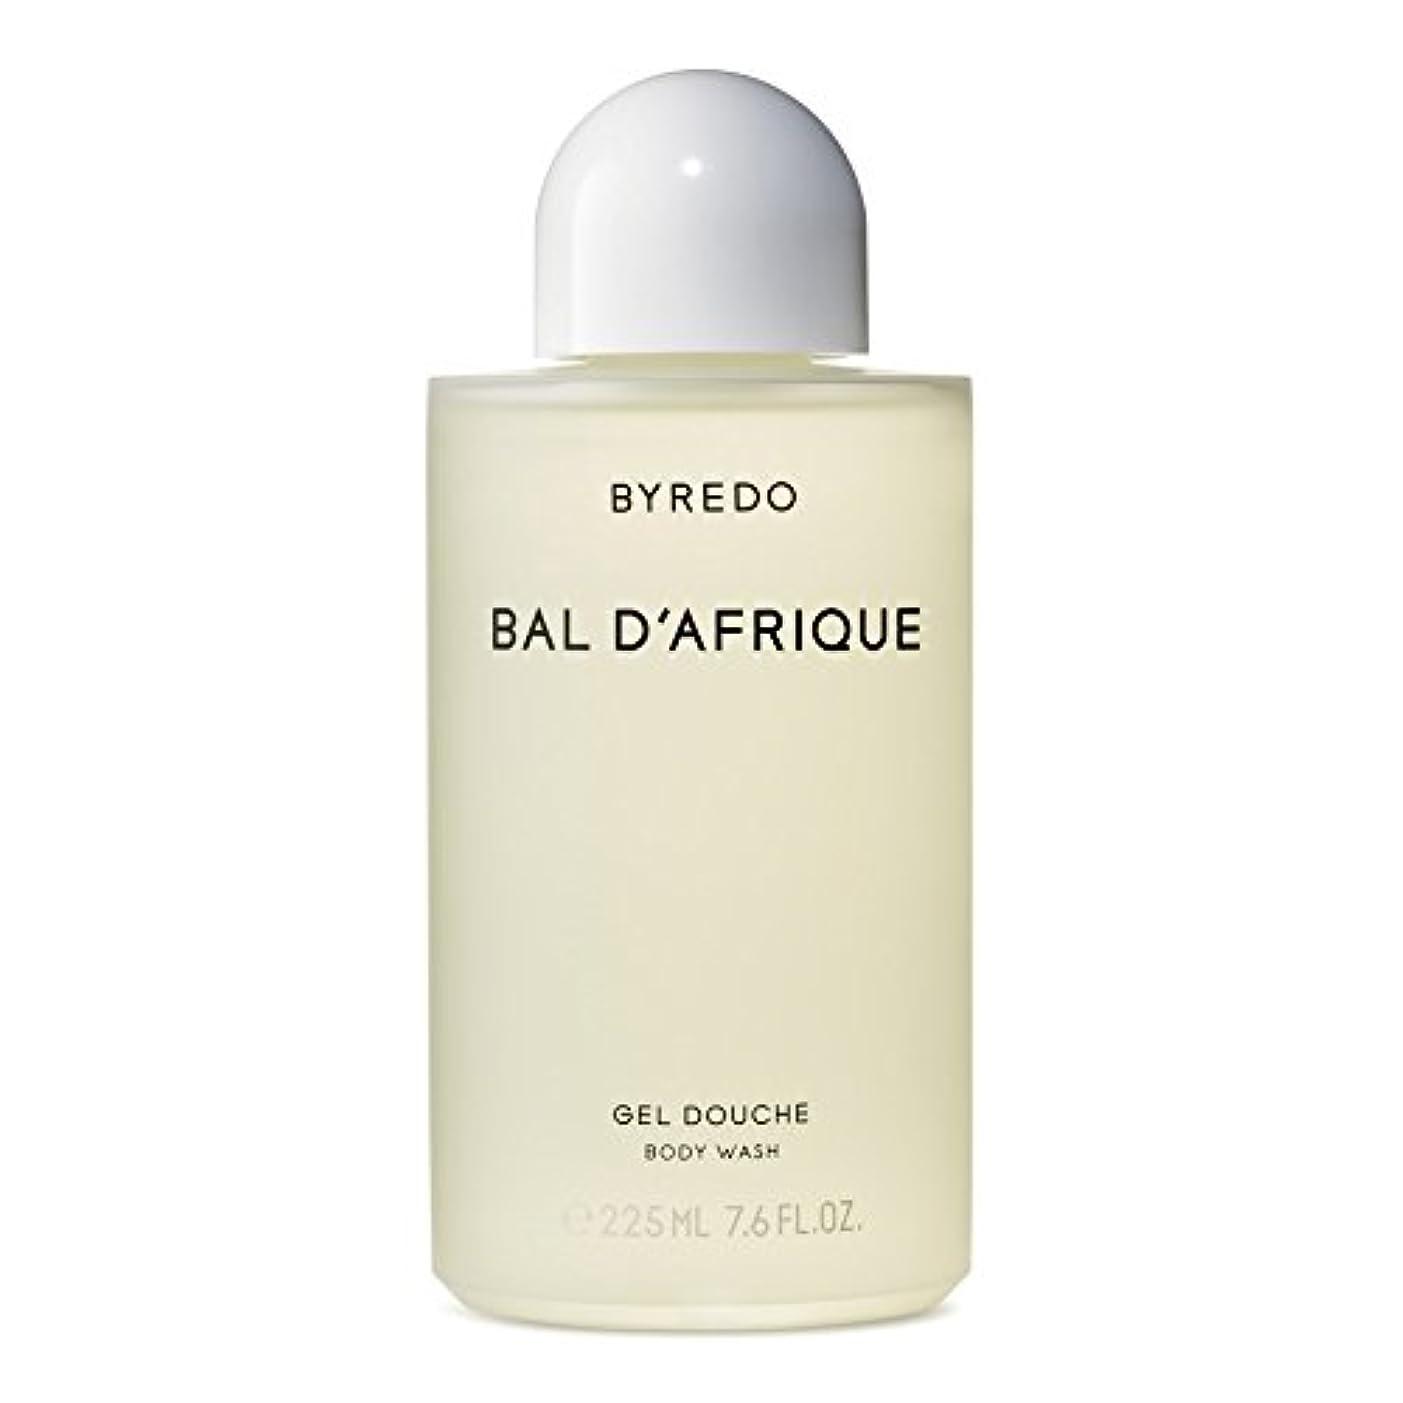 温室幹オプション'のボディウォッシュ225ミリリットル x2 - Byredo Bal d'Afrique Body Wash 225ml (Pack of 2) [並行輸入品]